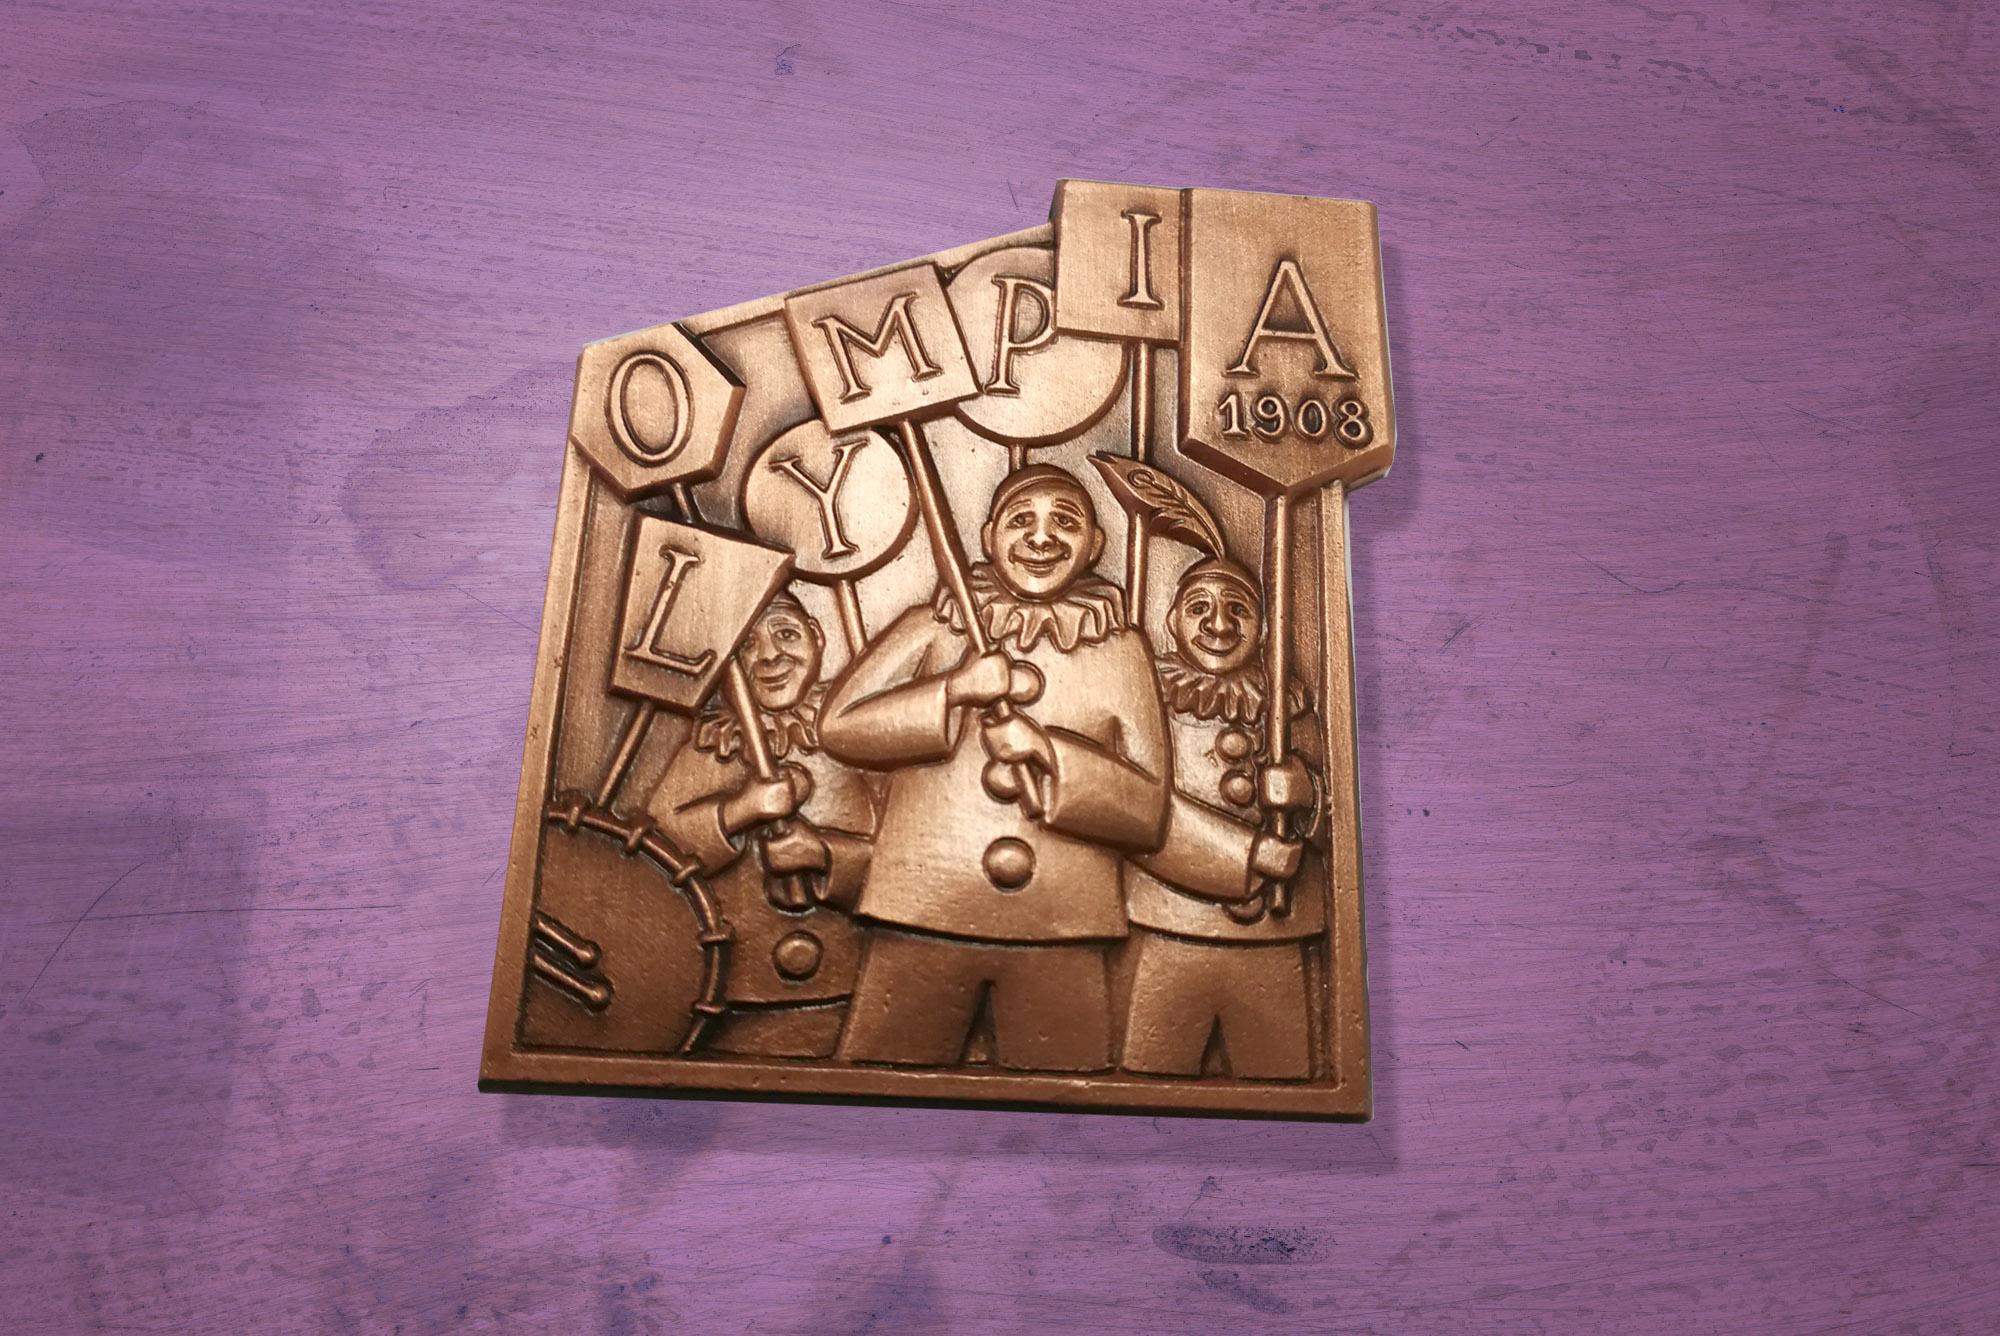 So sieht die Gegenplakette der Olymper aus. Für 8 Franken ist sie bei der  Clique zu haben.